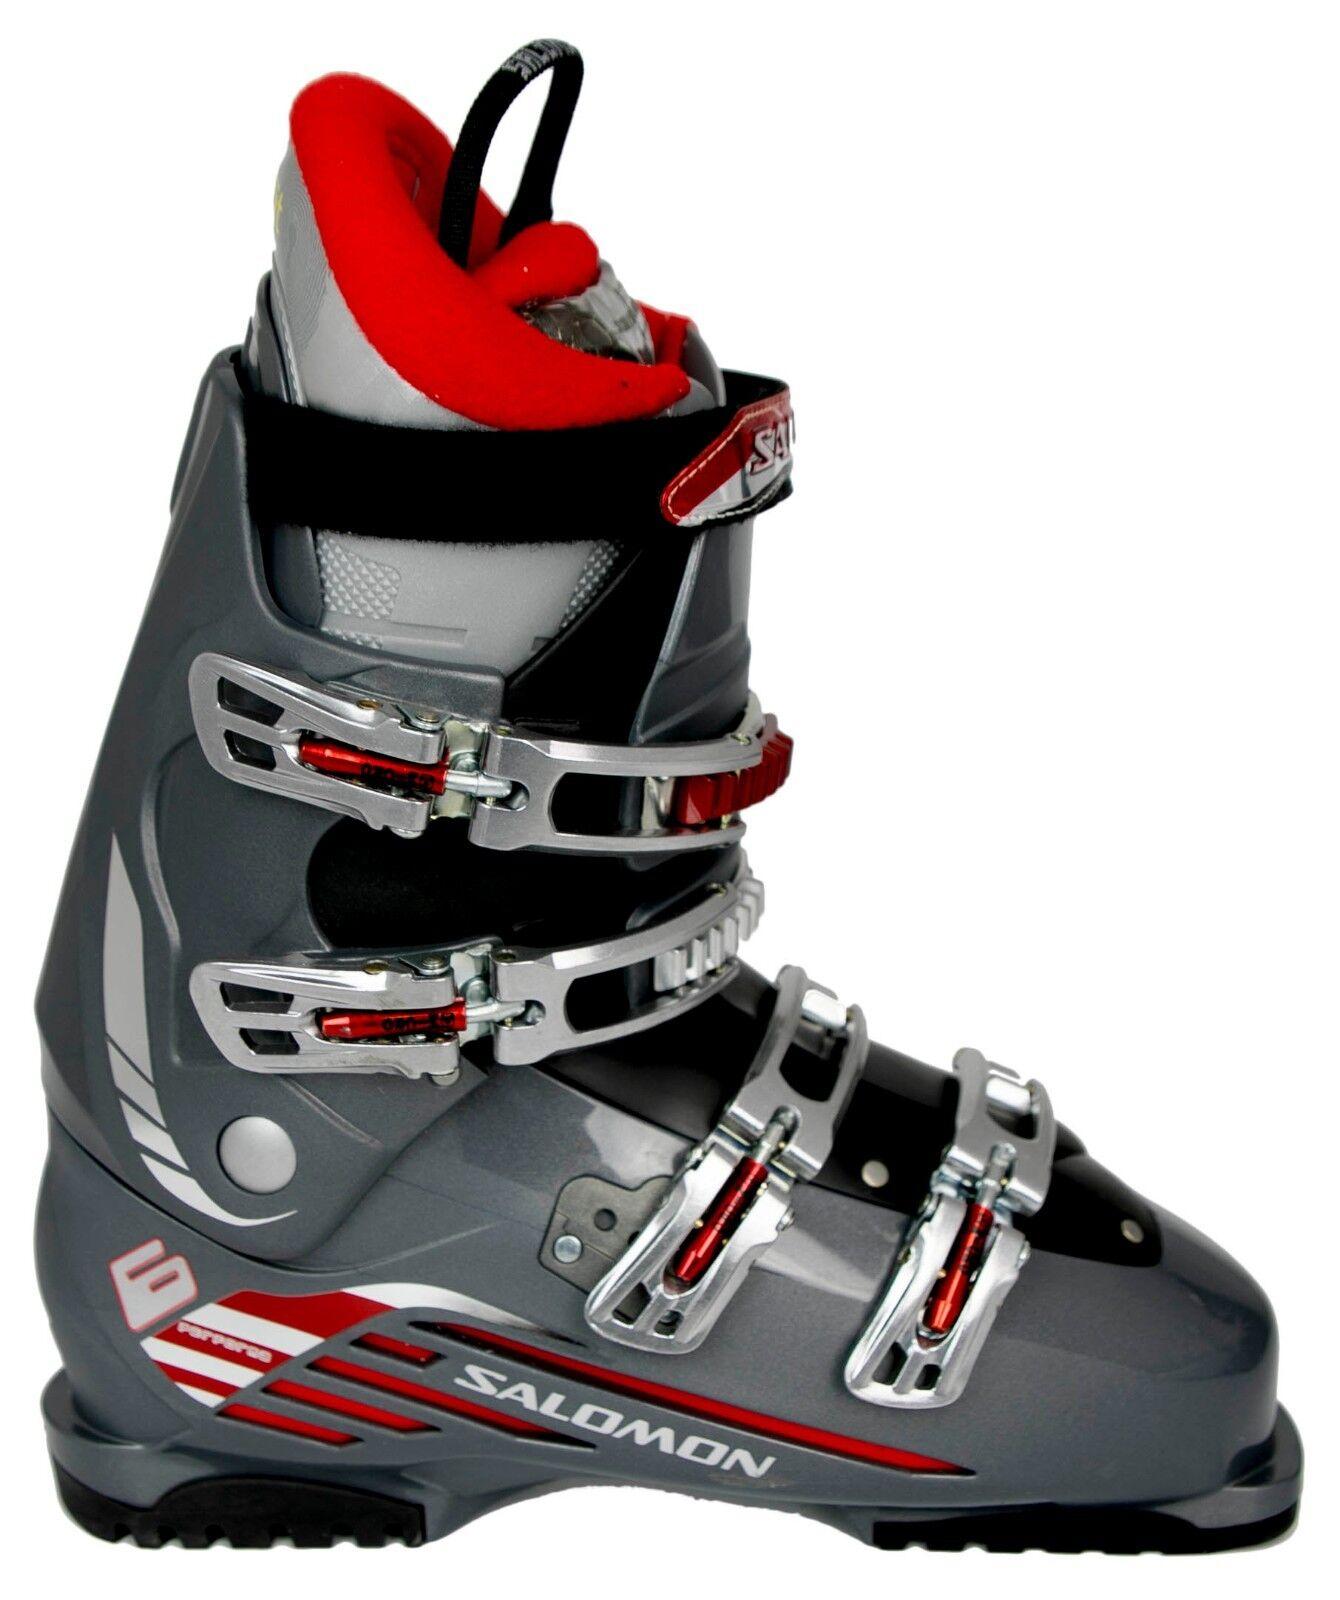 Nuevo modelo de 400  , Solomon performat 6, botas de esquí, Código Europeo 27,5, Código americano 9,5.